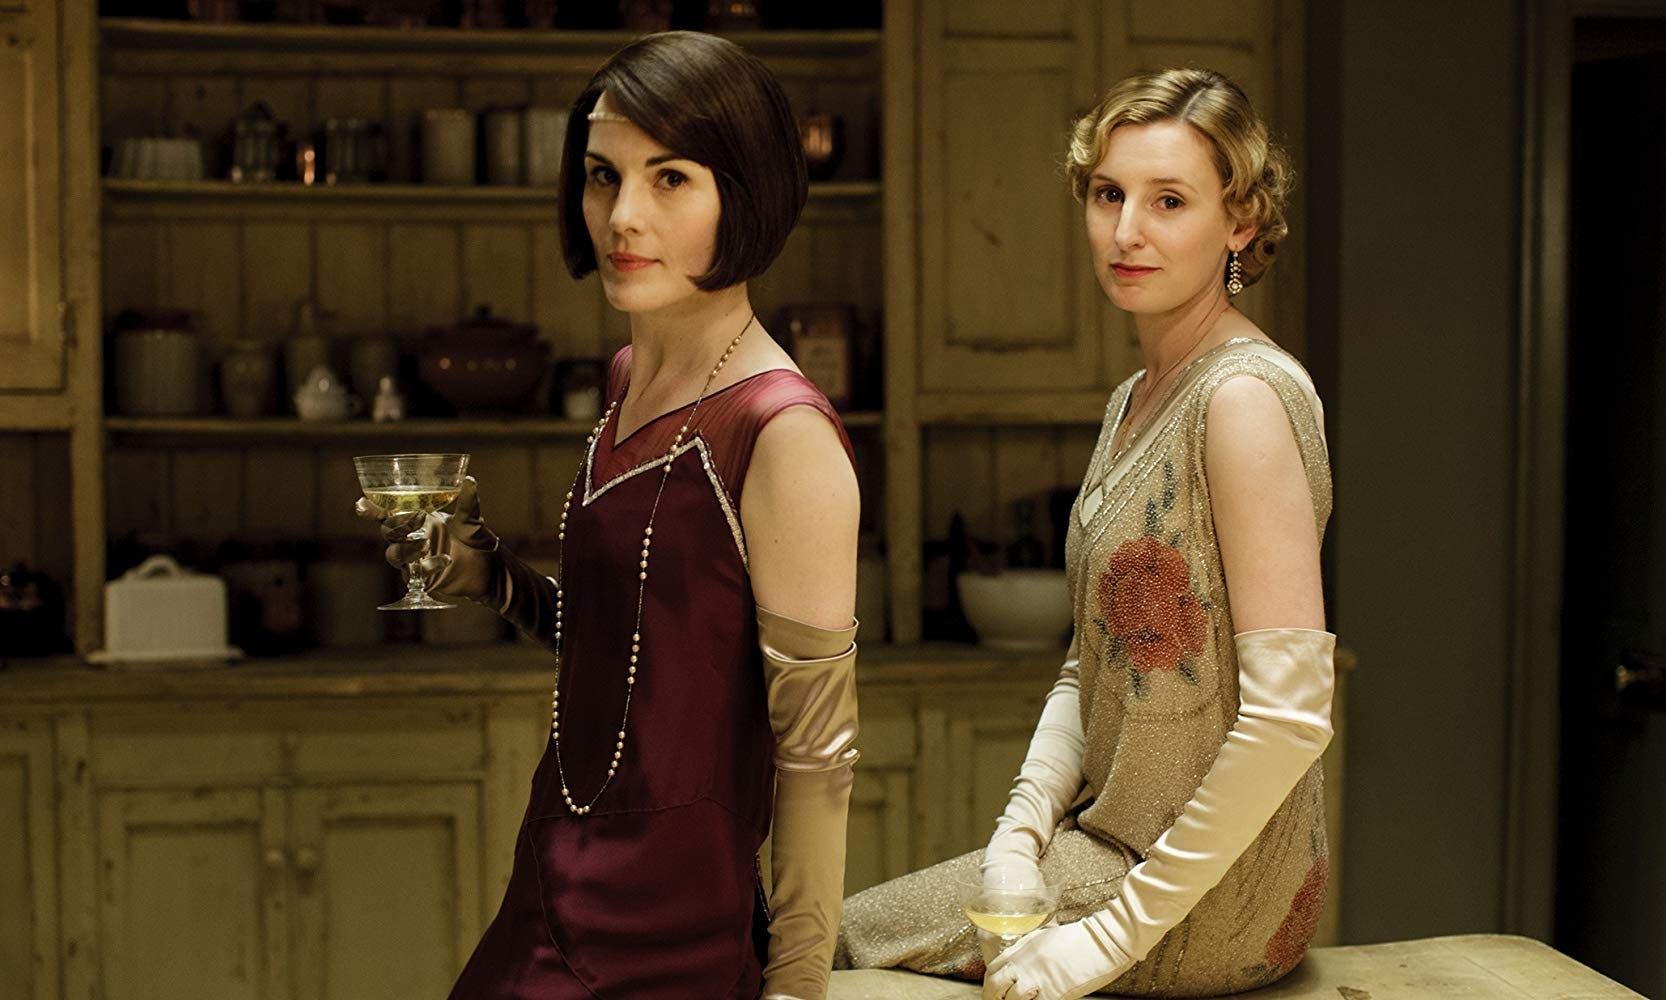 La película de Downton Abbey ya tiene fecha de estreno en la Argentina: 21 de noviembre